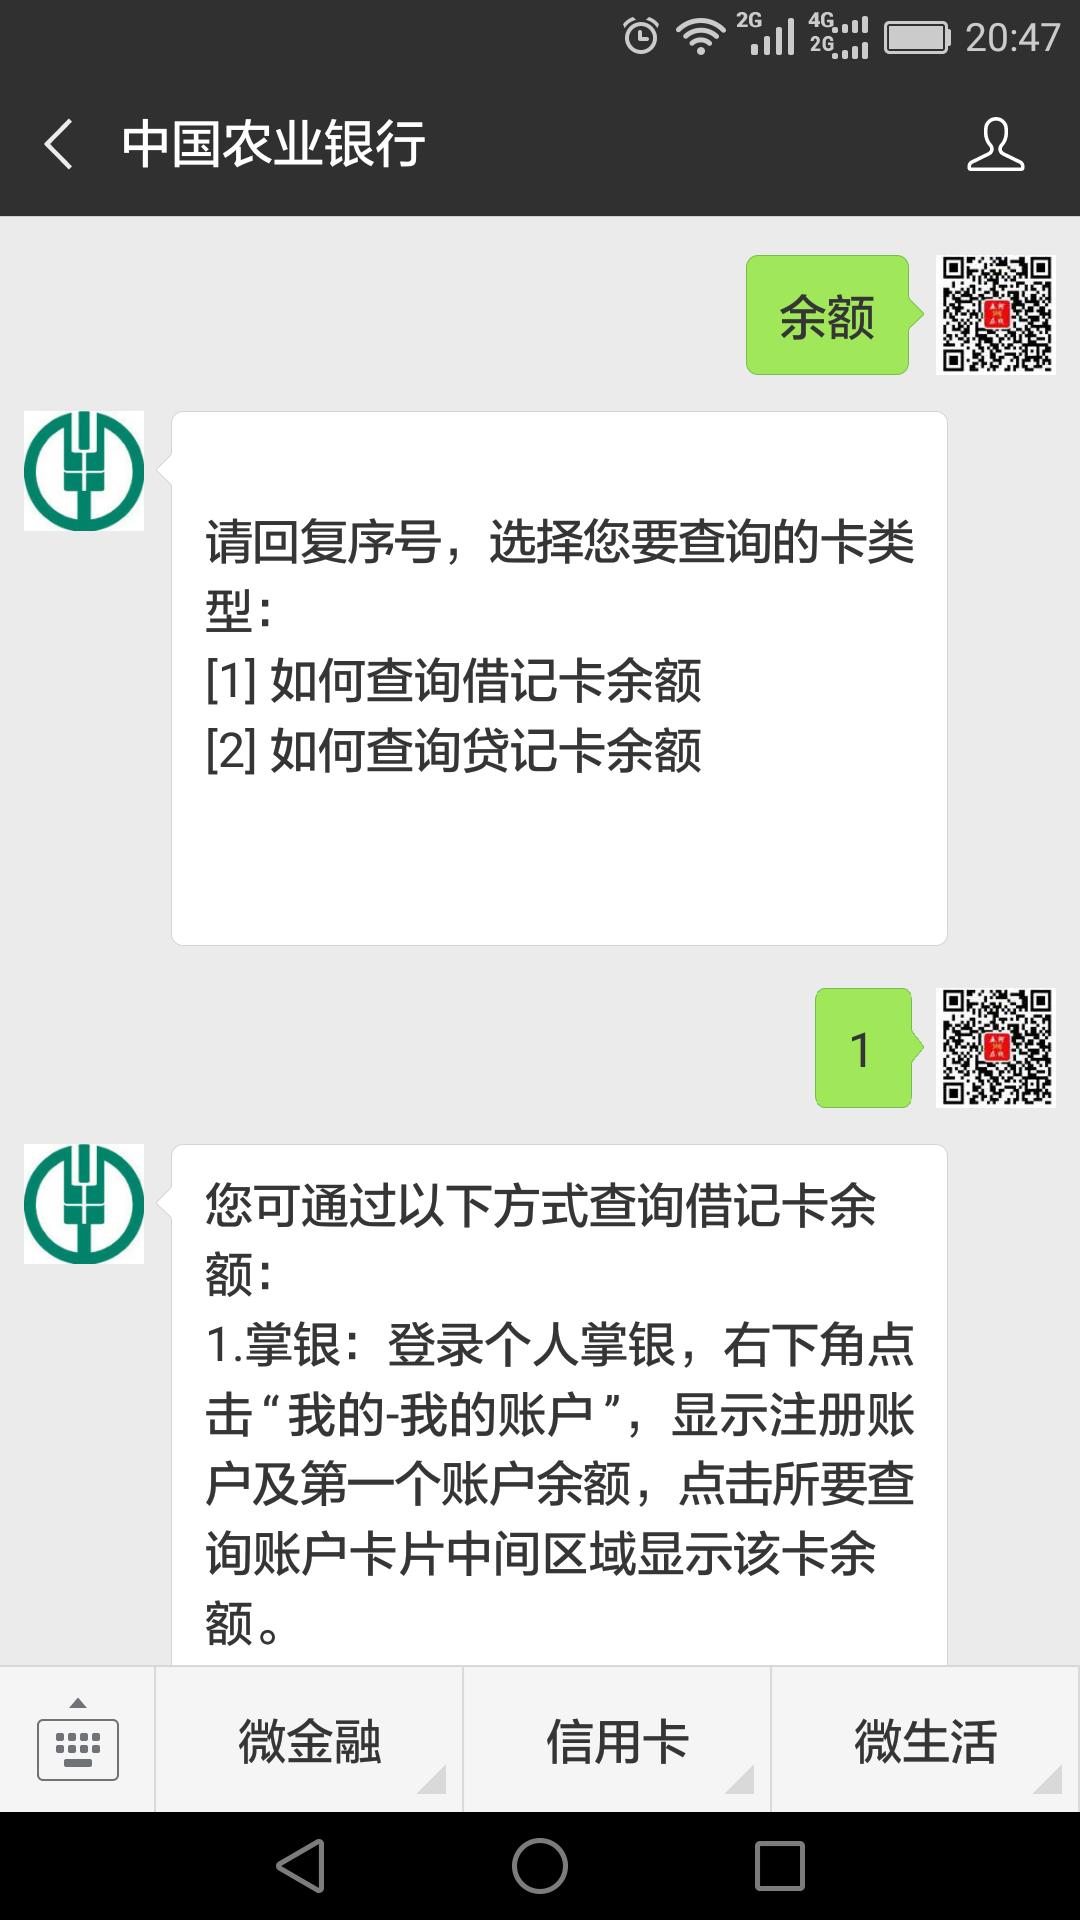 中国银行余额短信截图_微信中国农业银行的公众号里怎么查询余额_百度知道